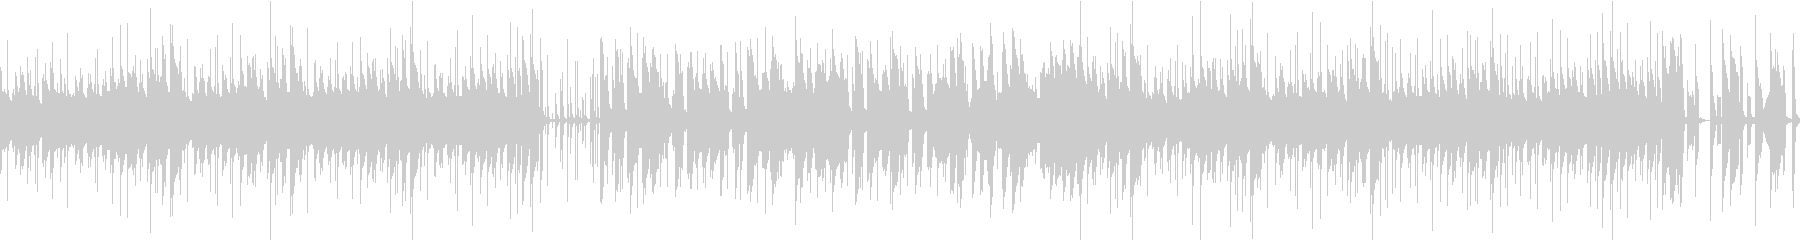 日常系 ほのぼのポップ(2分ジャスト)の未再生の波形